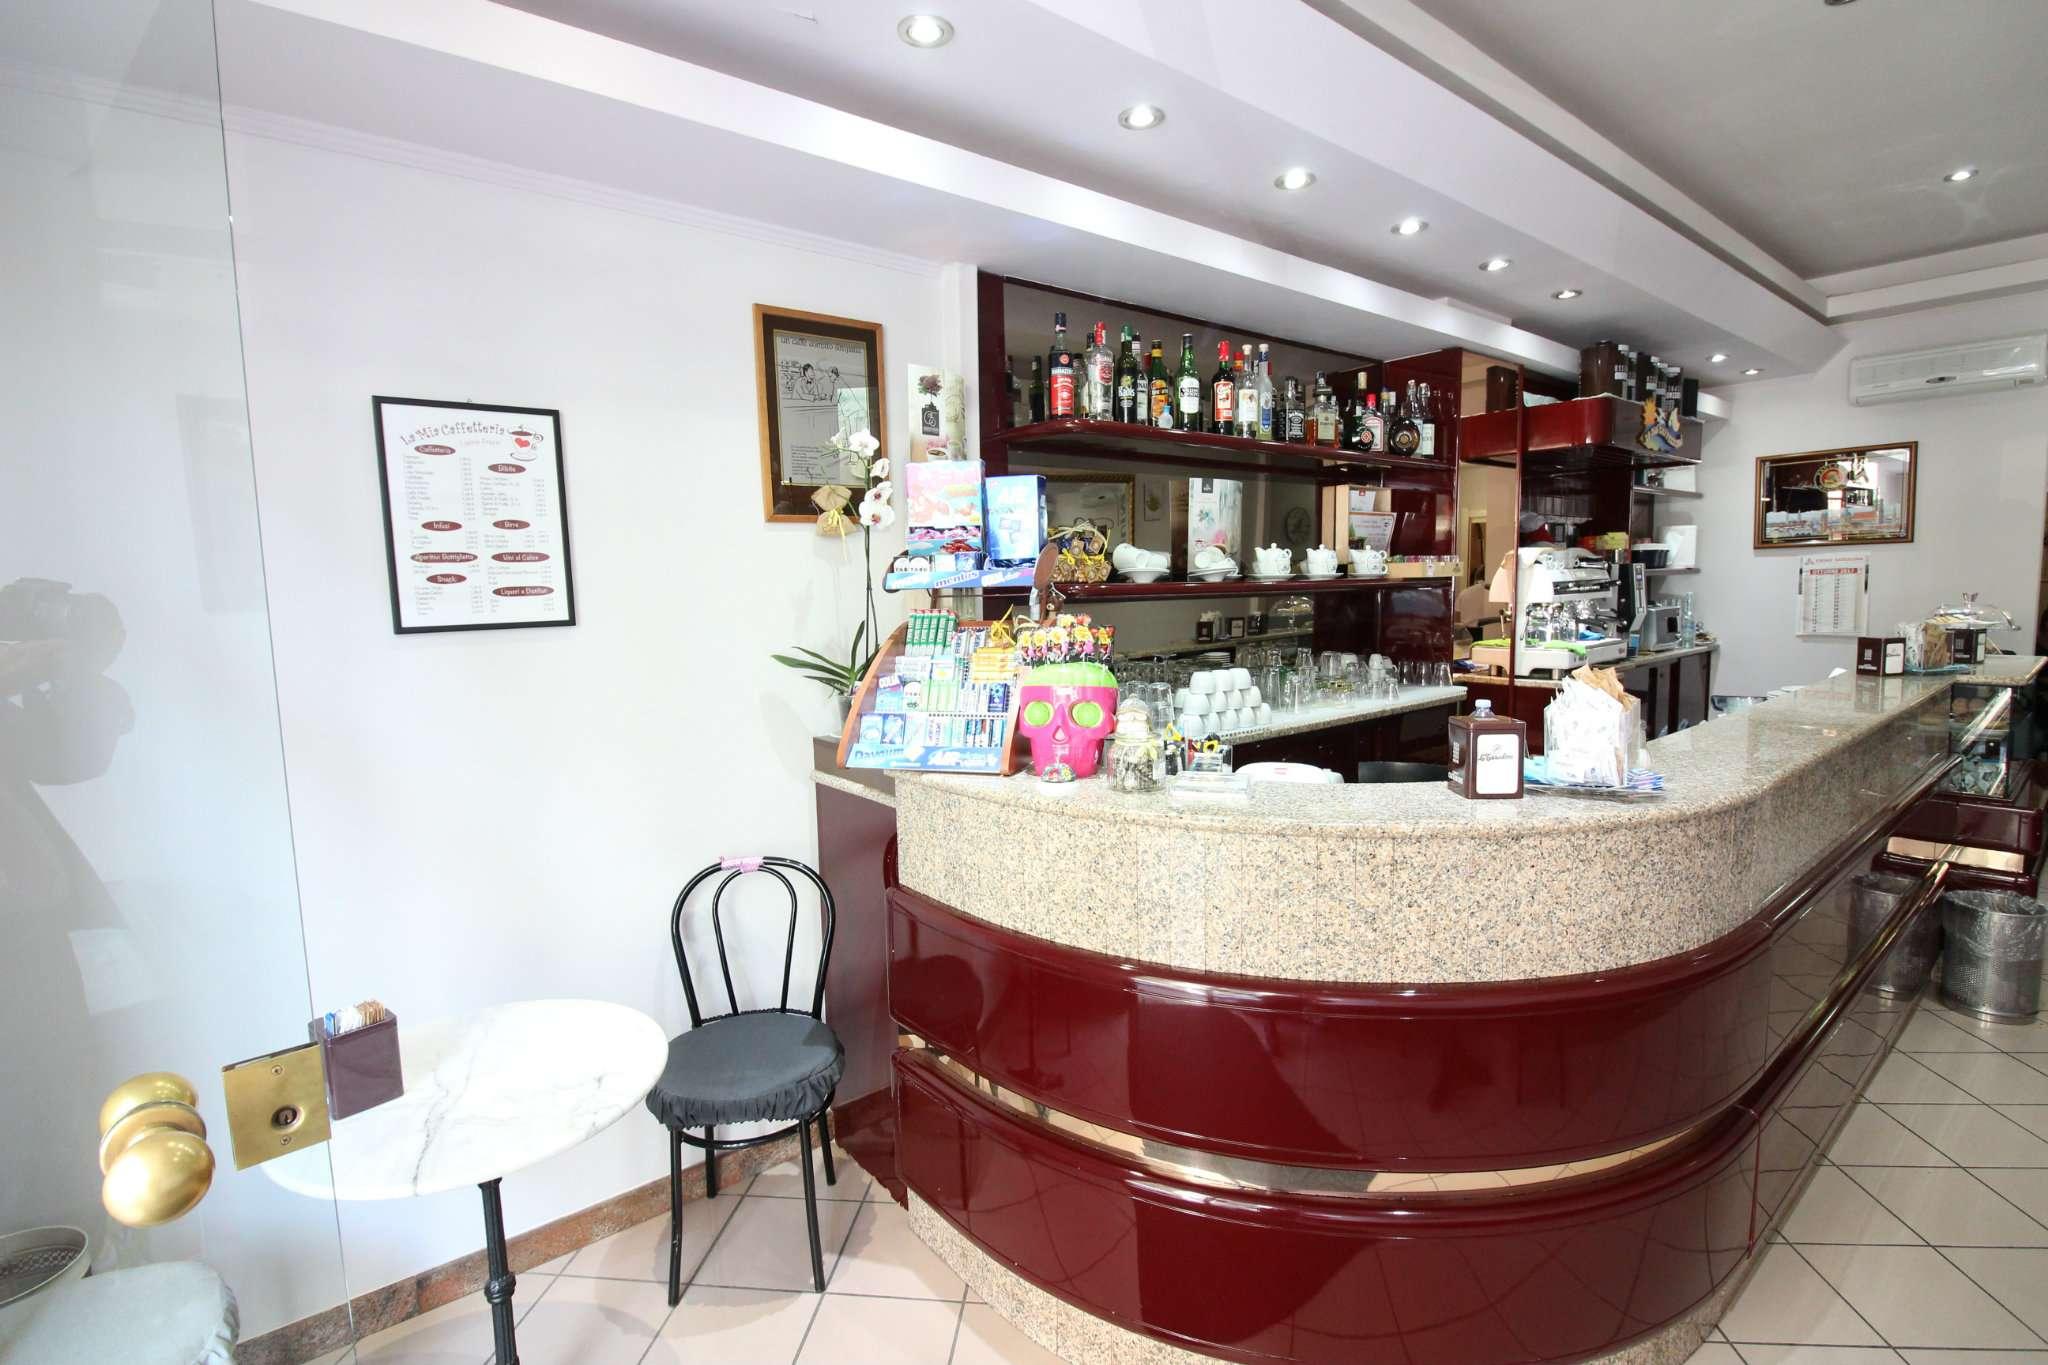 Bar tavola calda - fredda monolocale in vendita a Cagliari (CA)